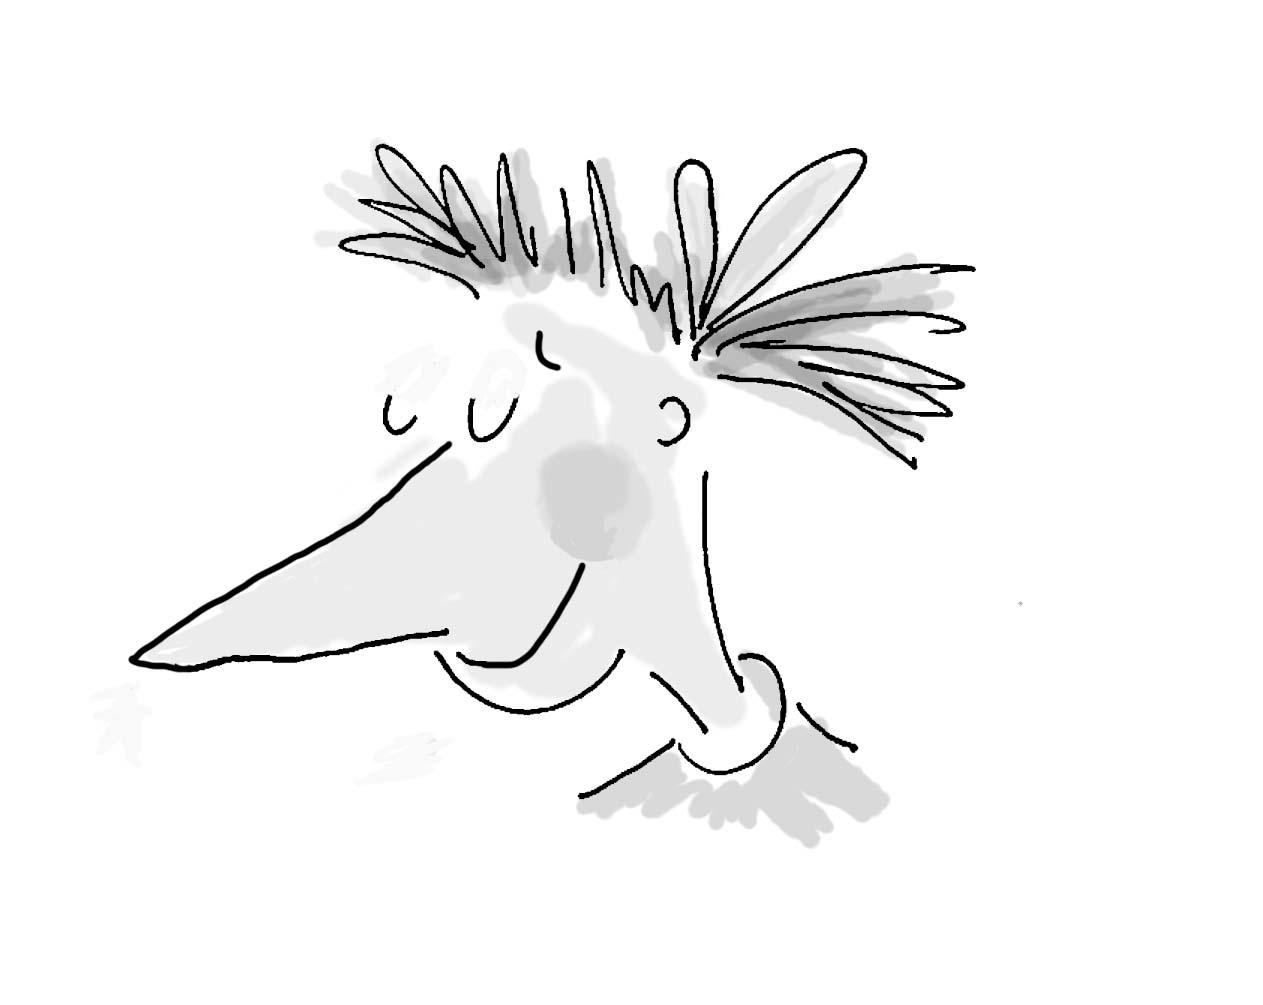 Beaky eyes closed.jpg